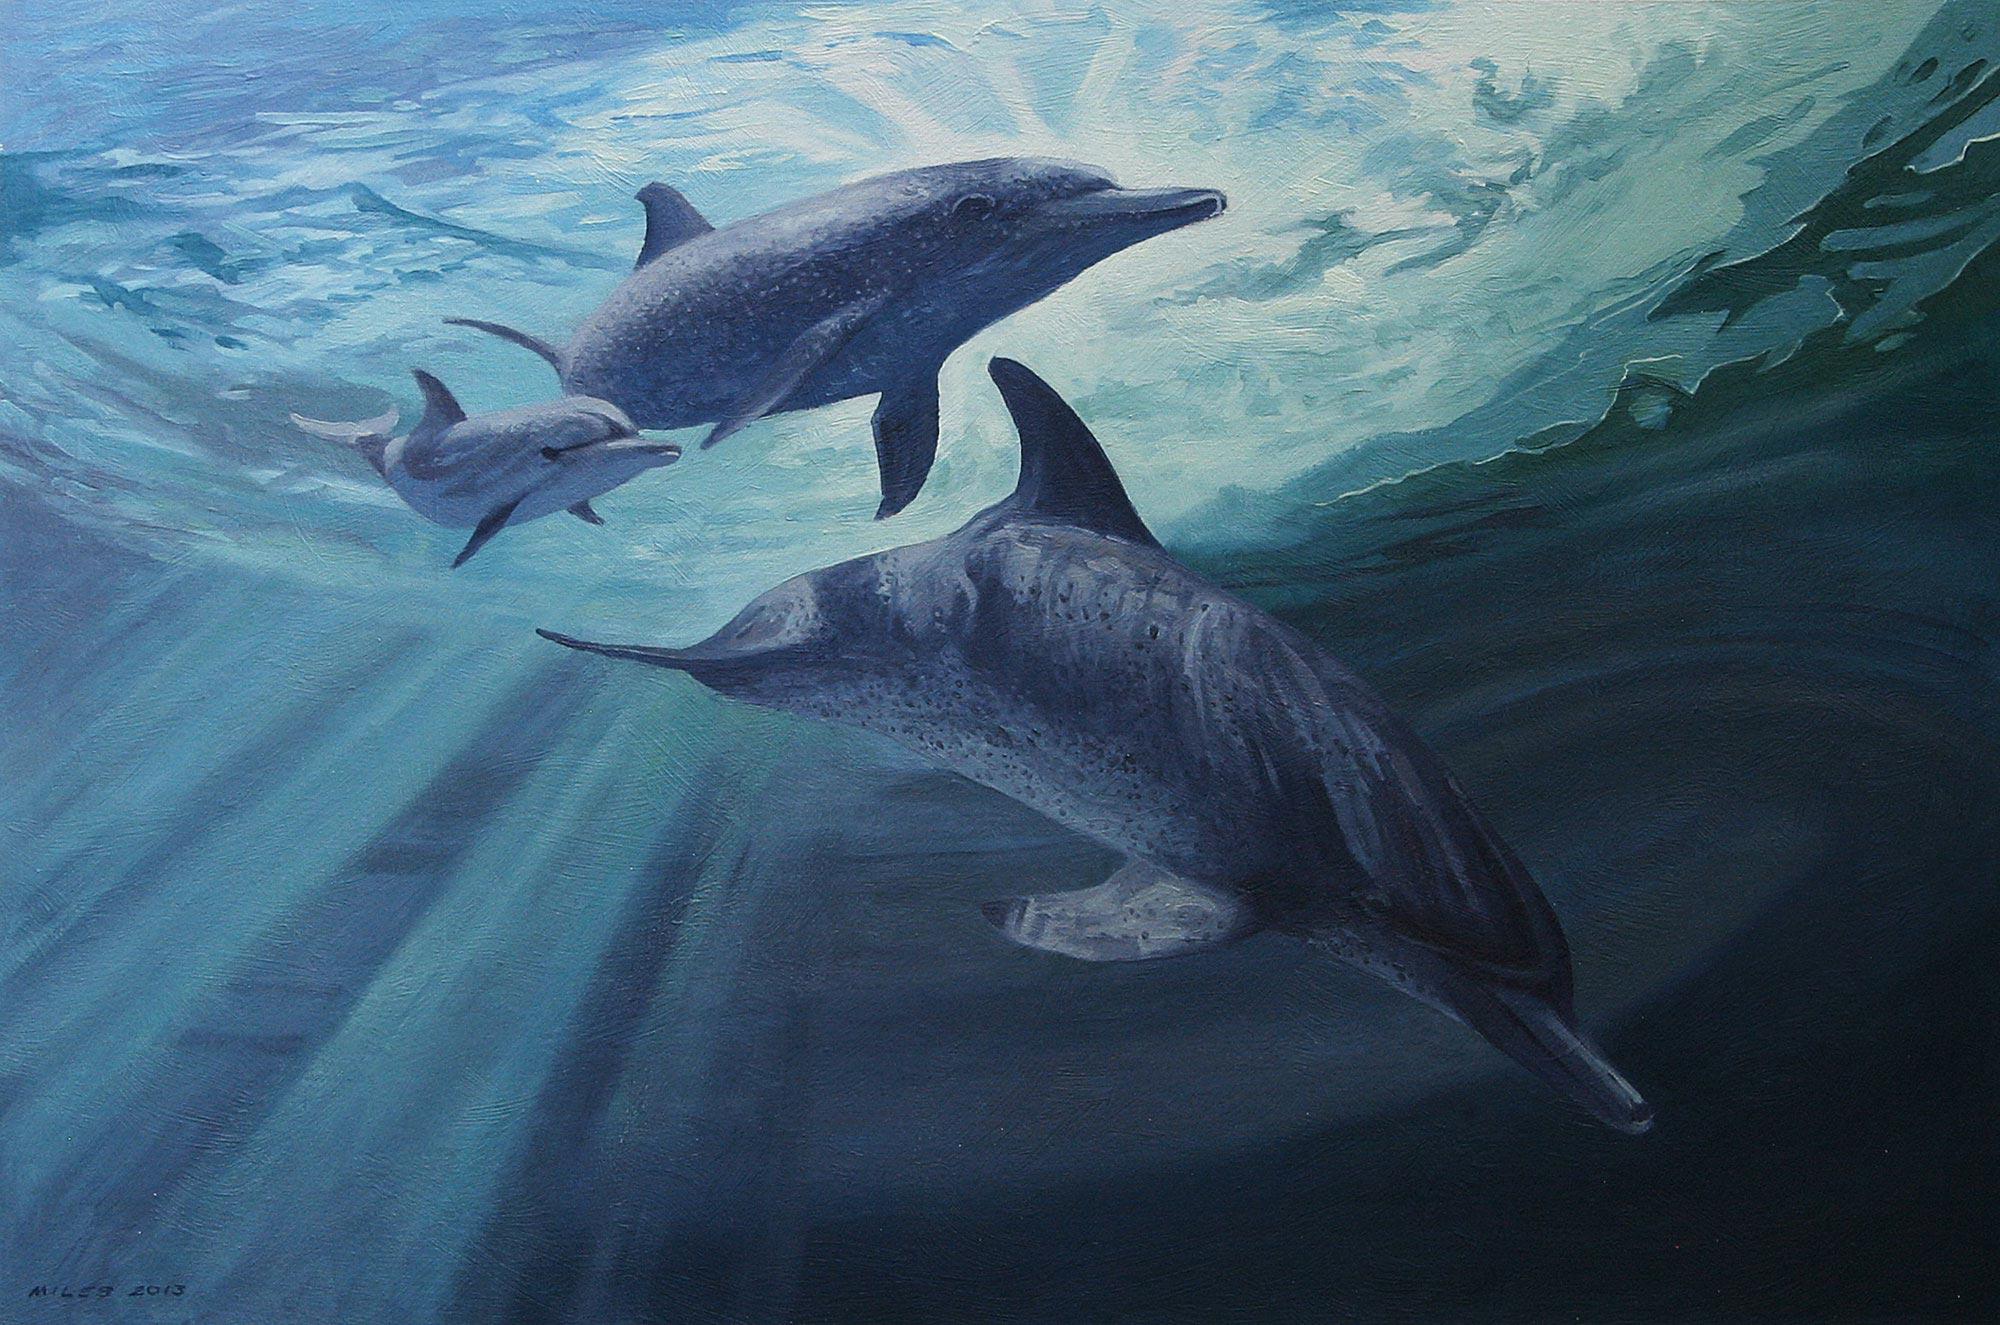 Gerry_Miles_divepaint_underwater_paintings_Atlantic_Spotted_Dolphins.jpg